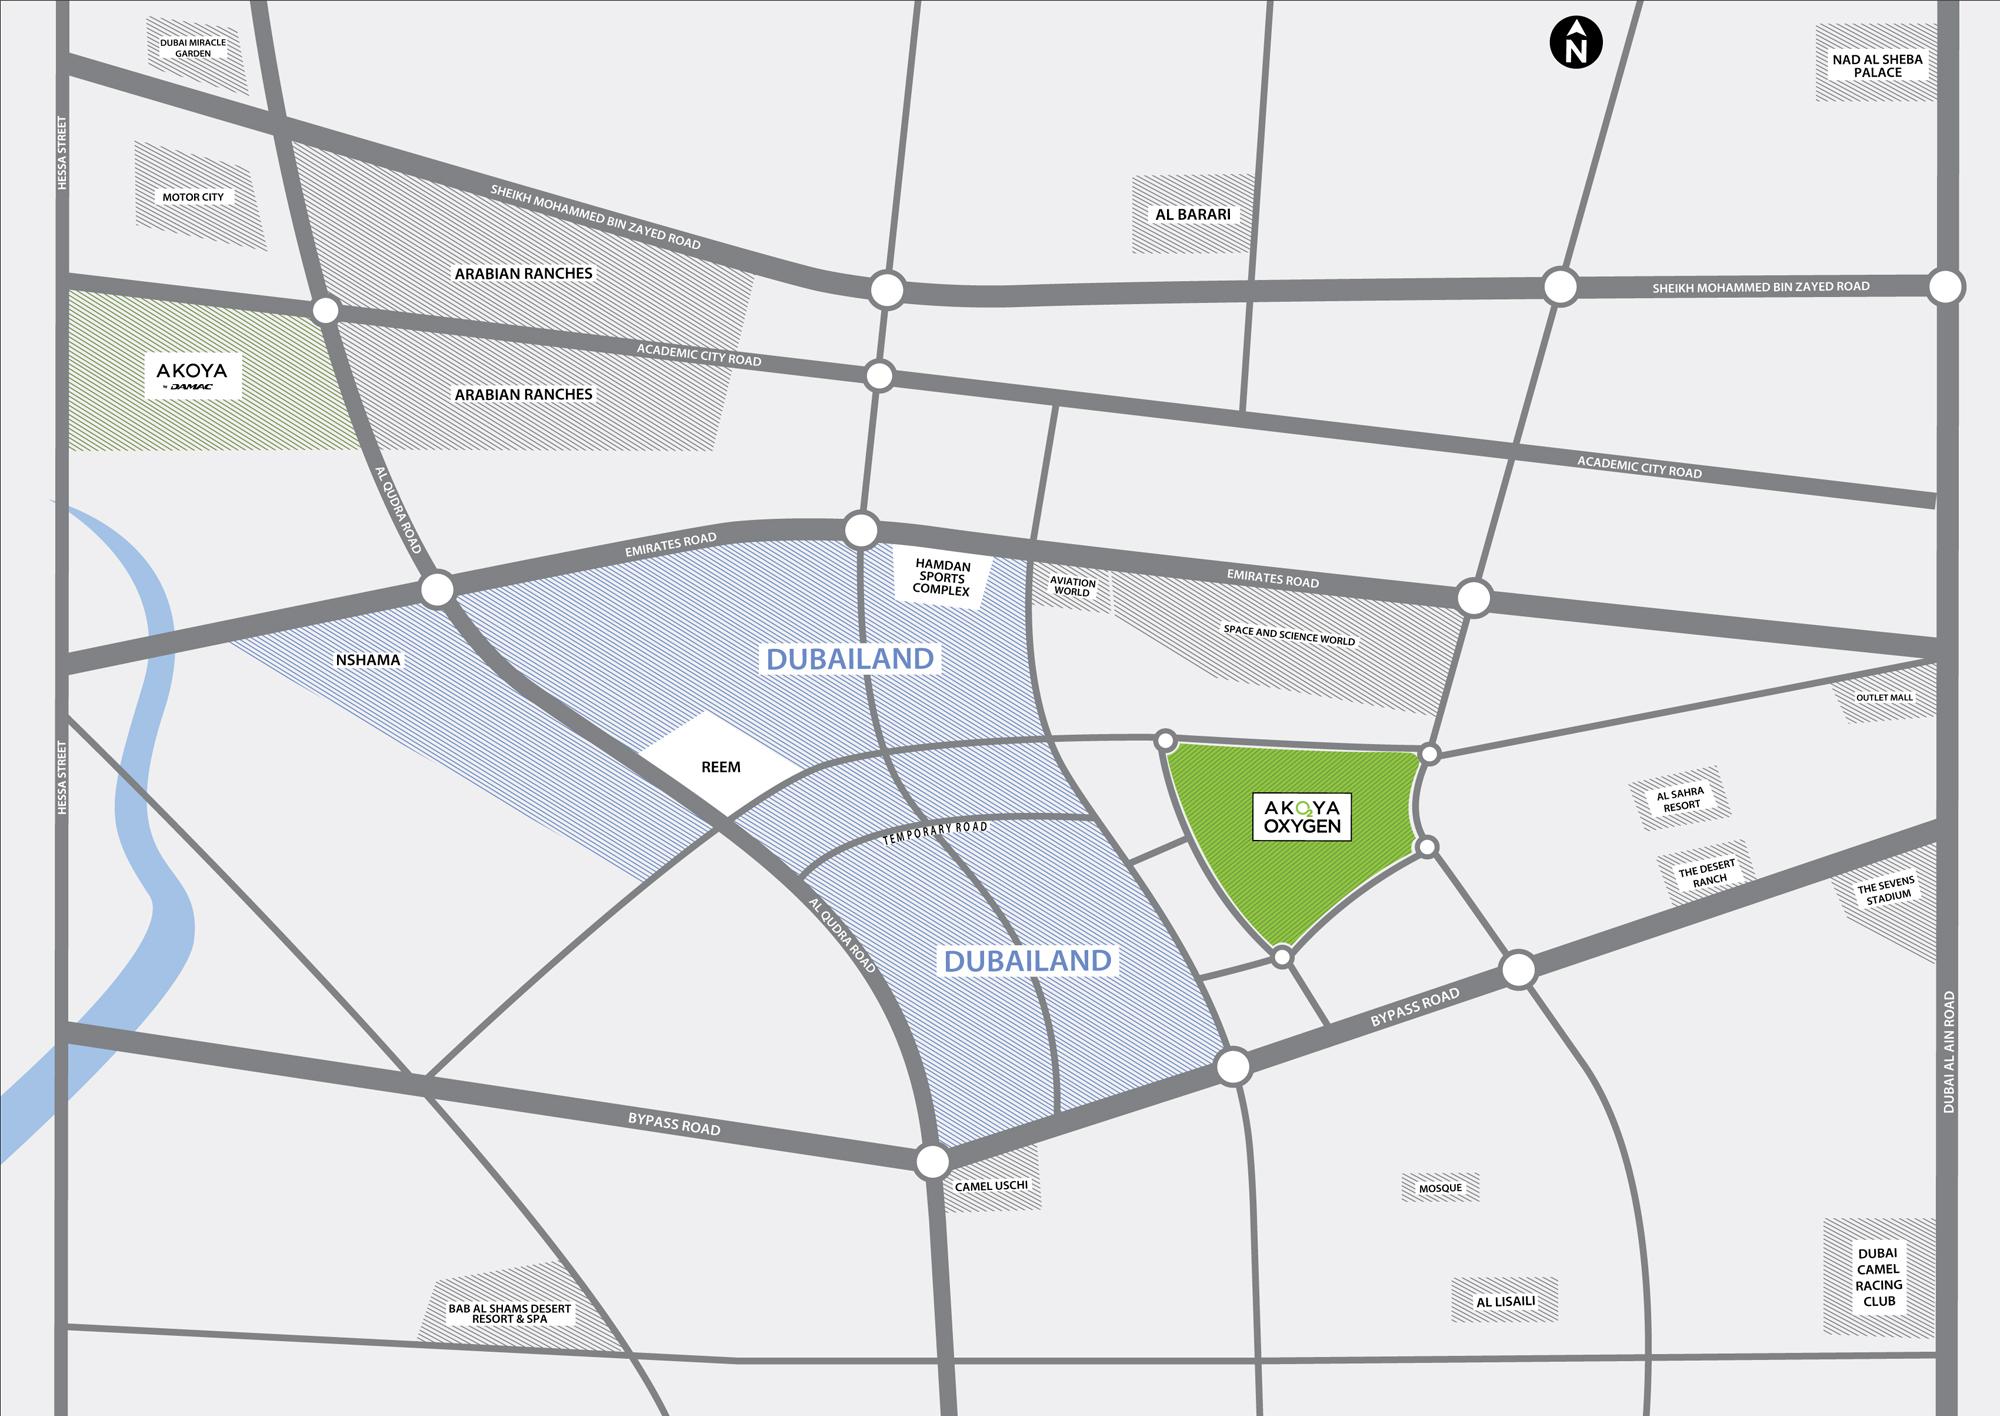 أكويا-كاسكيدز خريطة الموقع